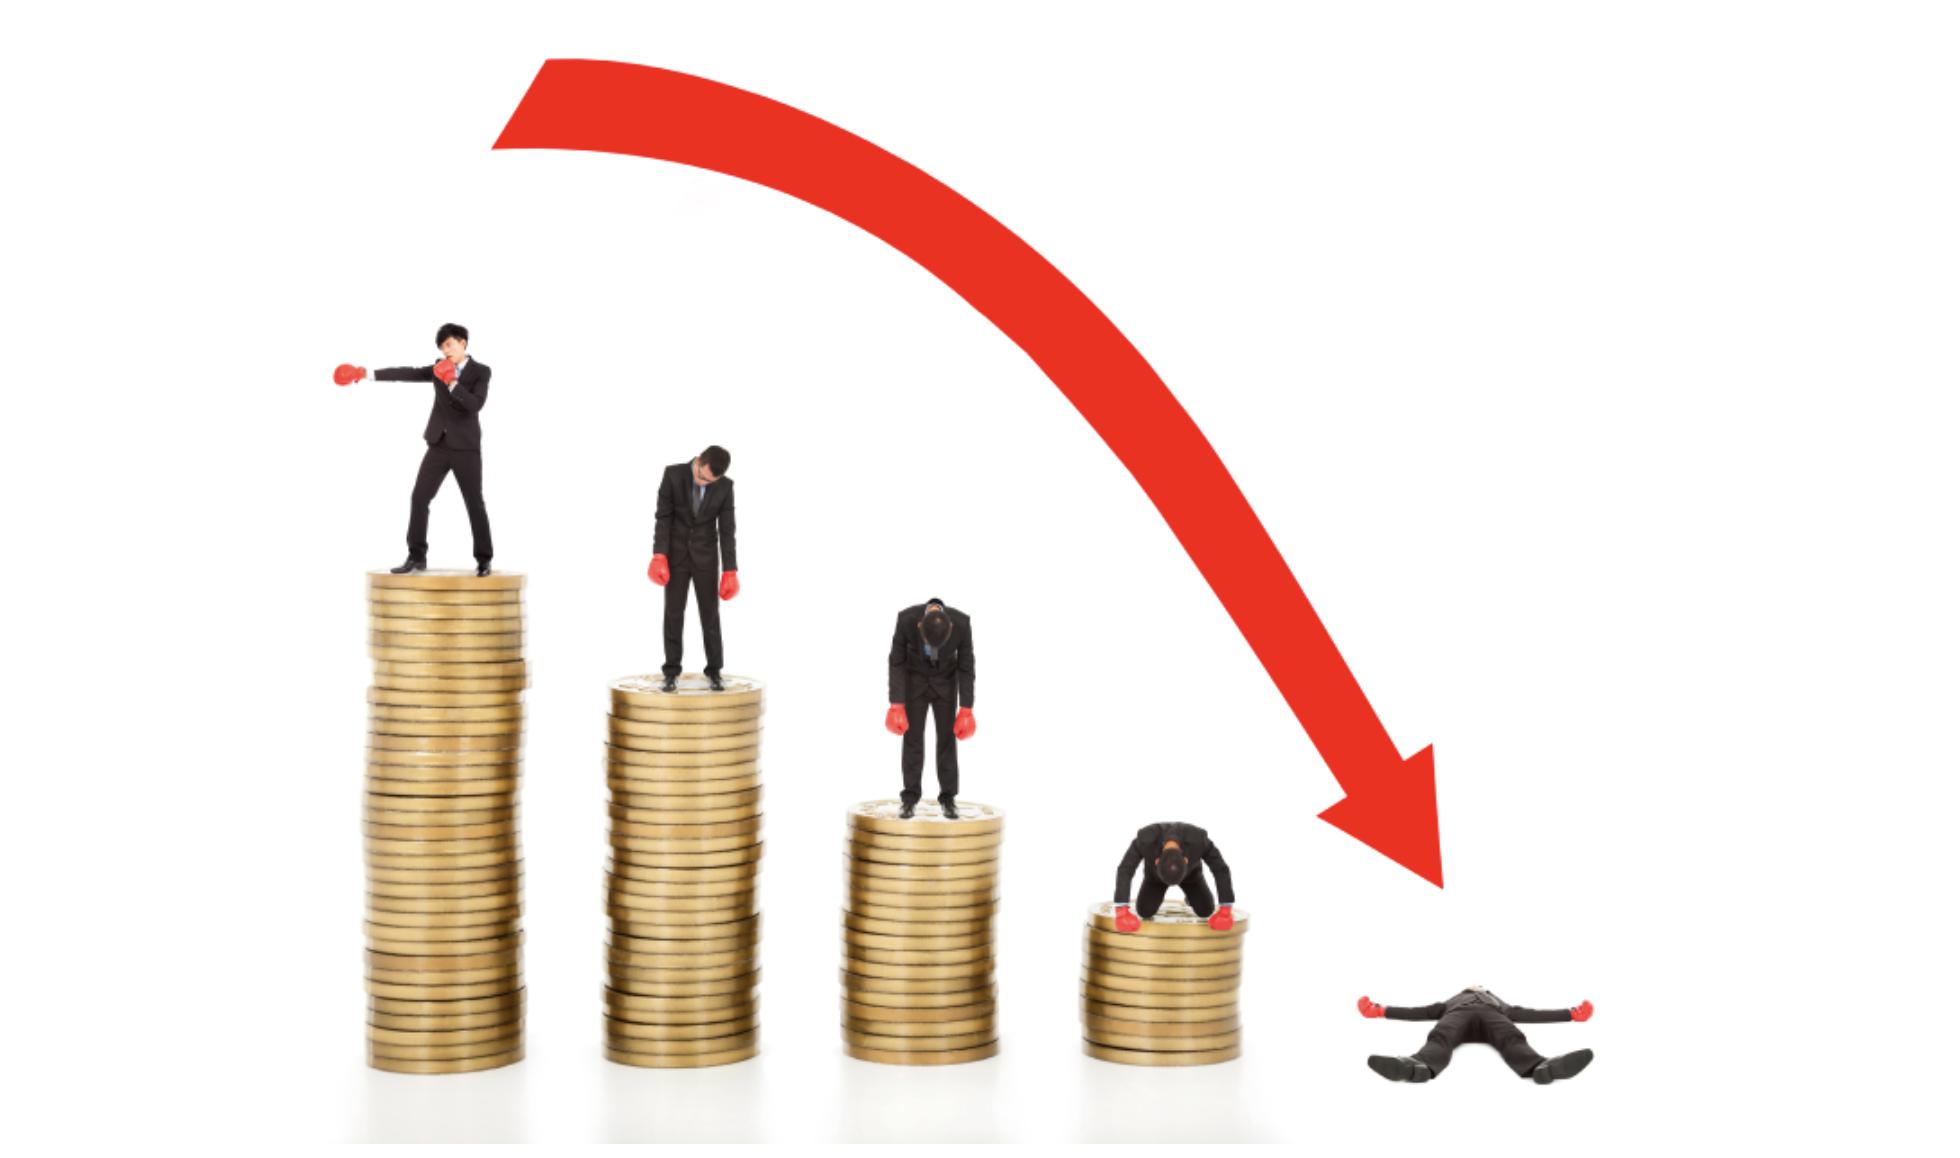 La deflación: los riesgos de una caída generalizada de los precios ...